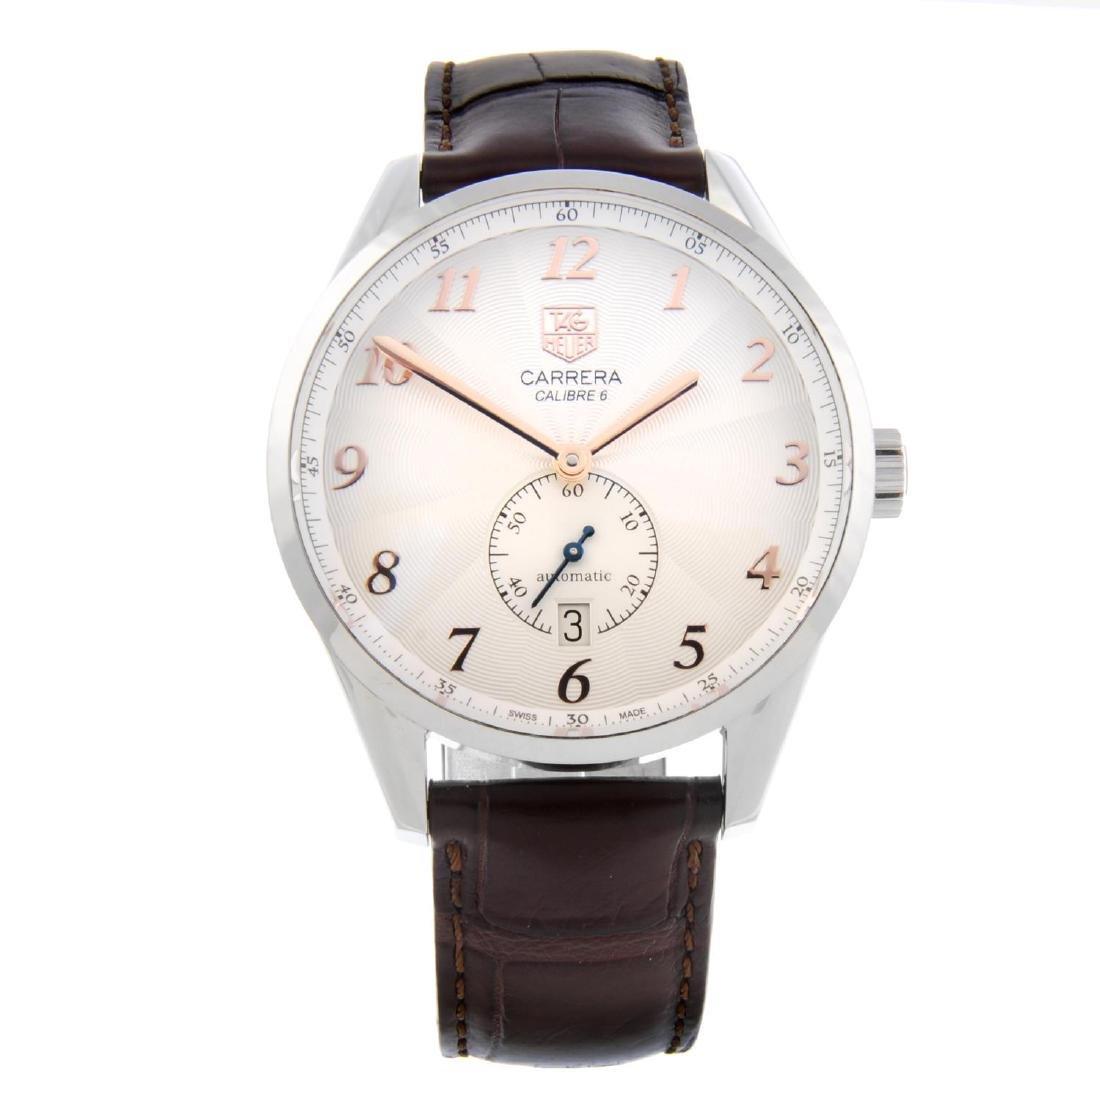 TAG HEUER - a gentleman's Carrera Calibre 6 wrist